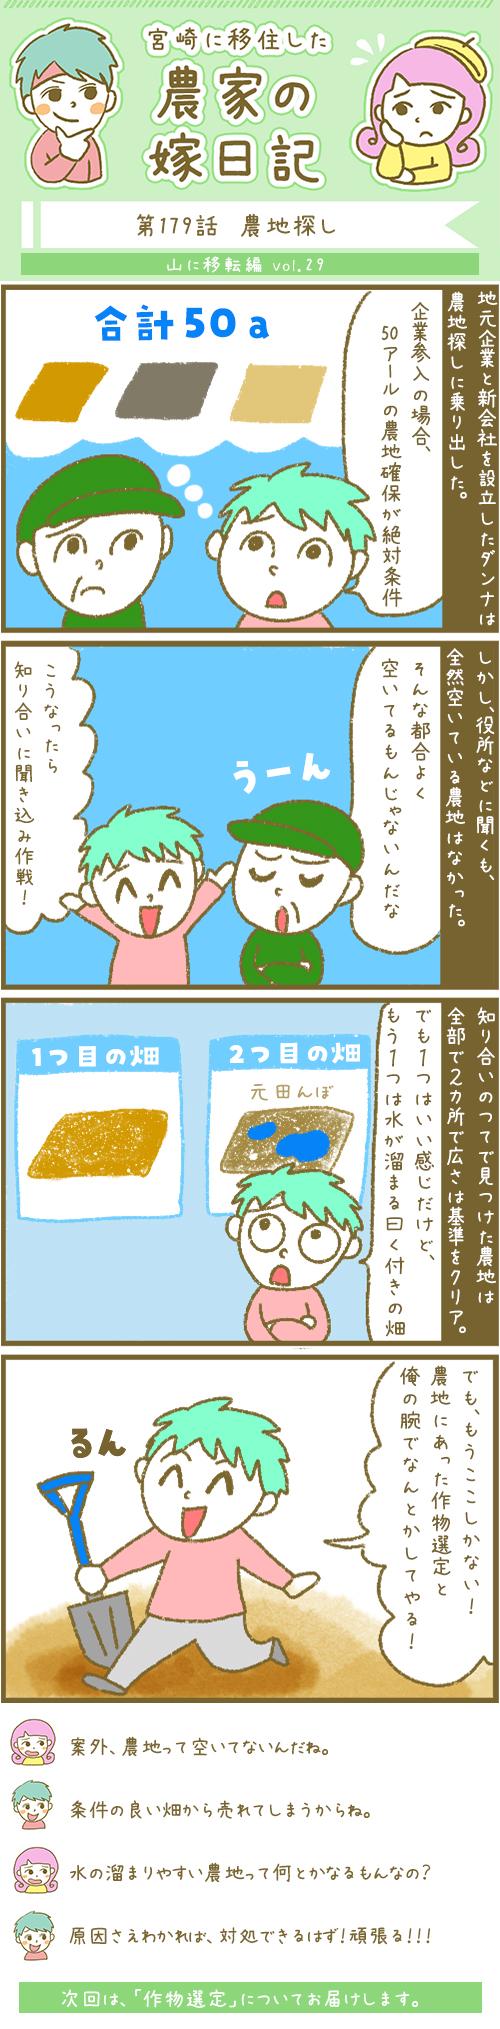 漫画第179話